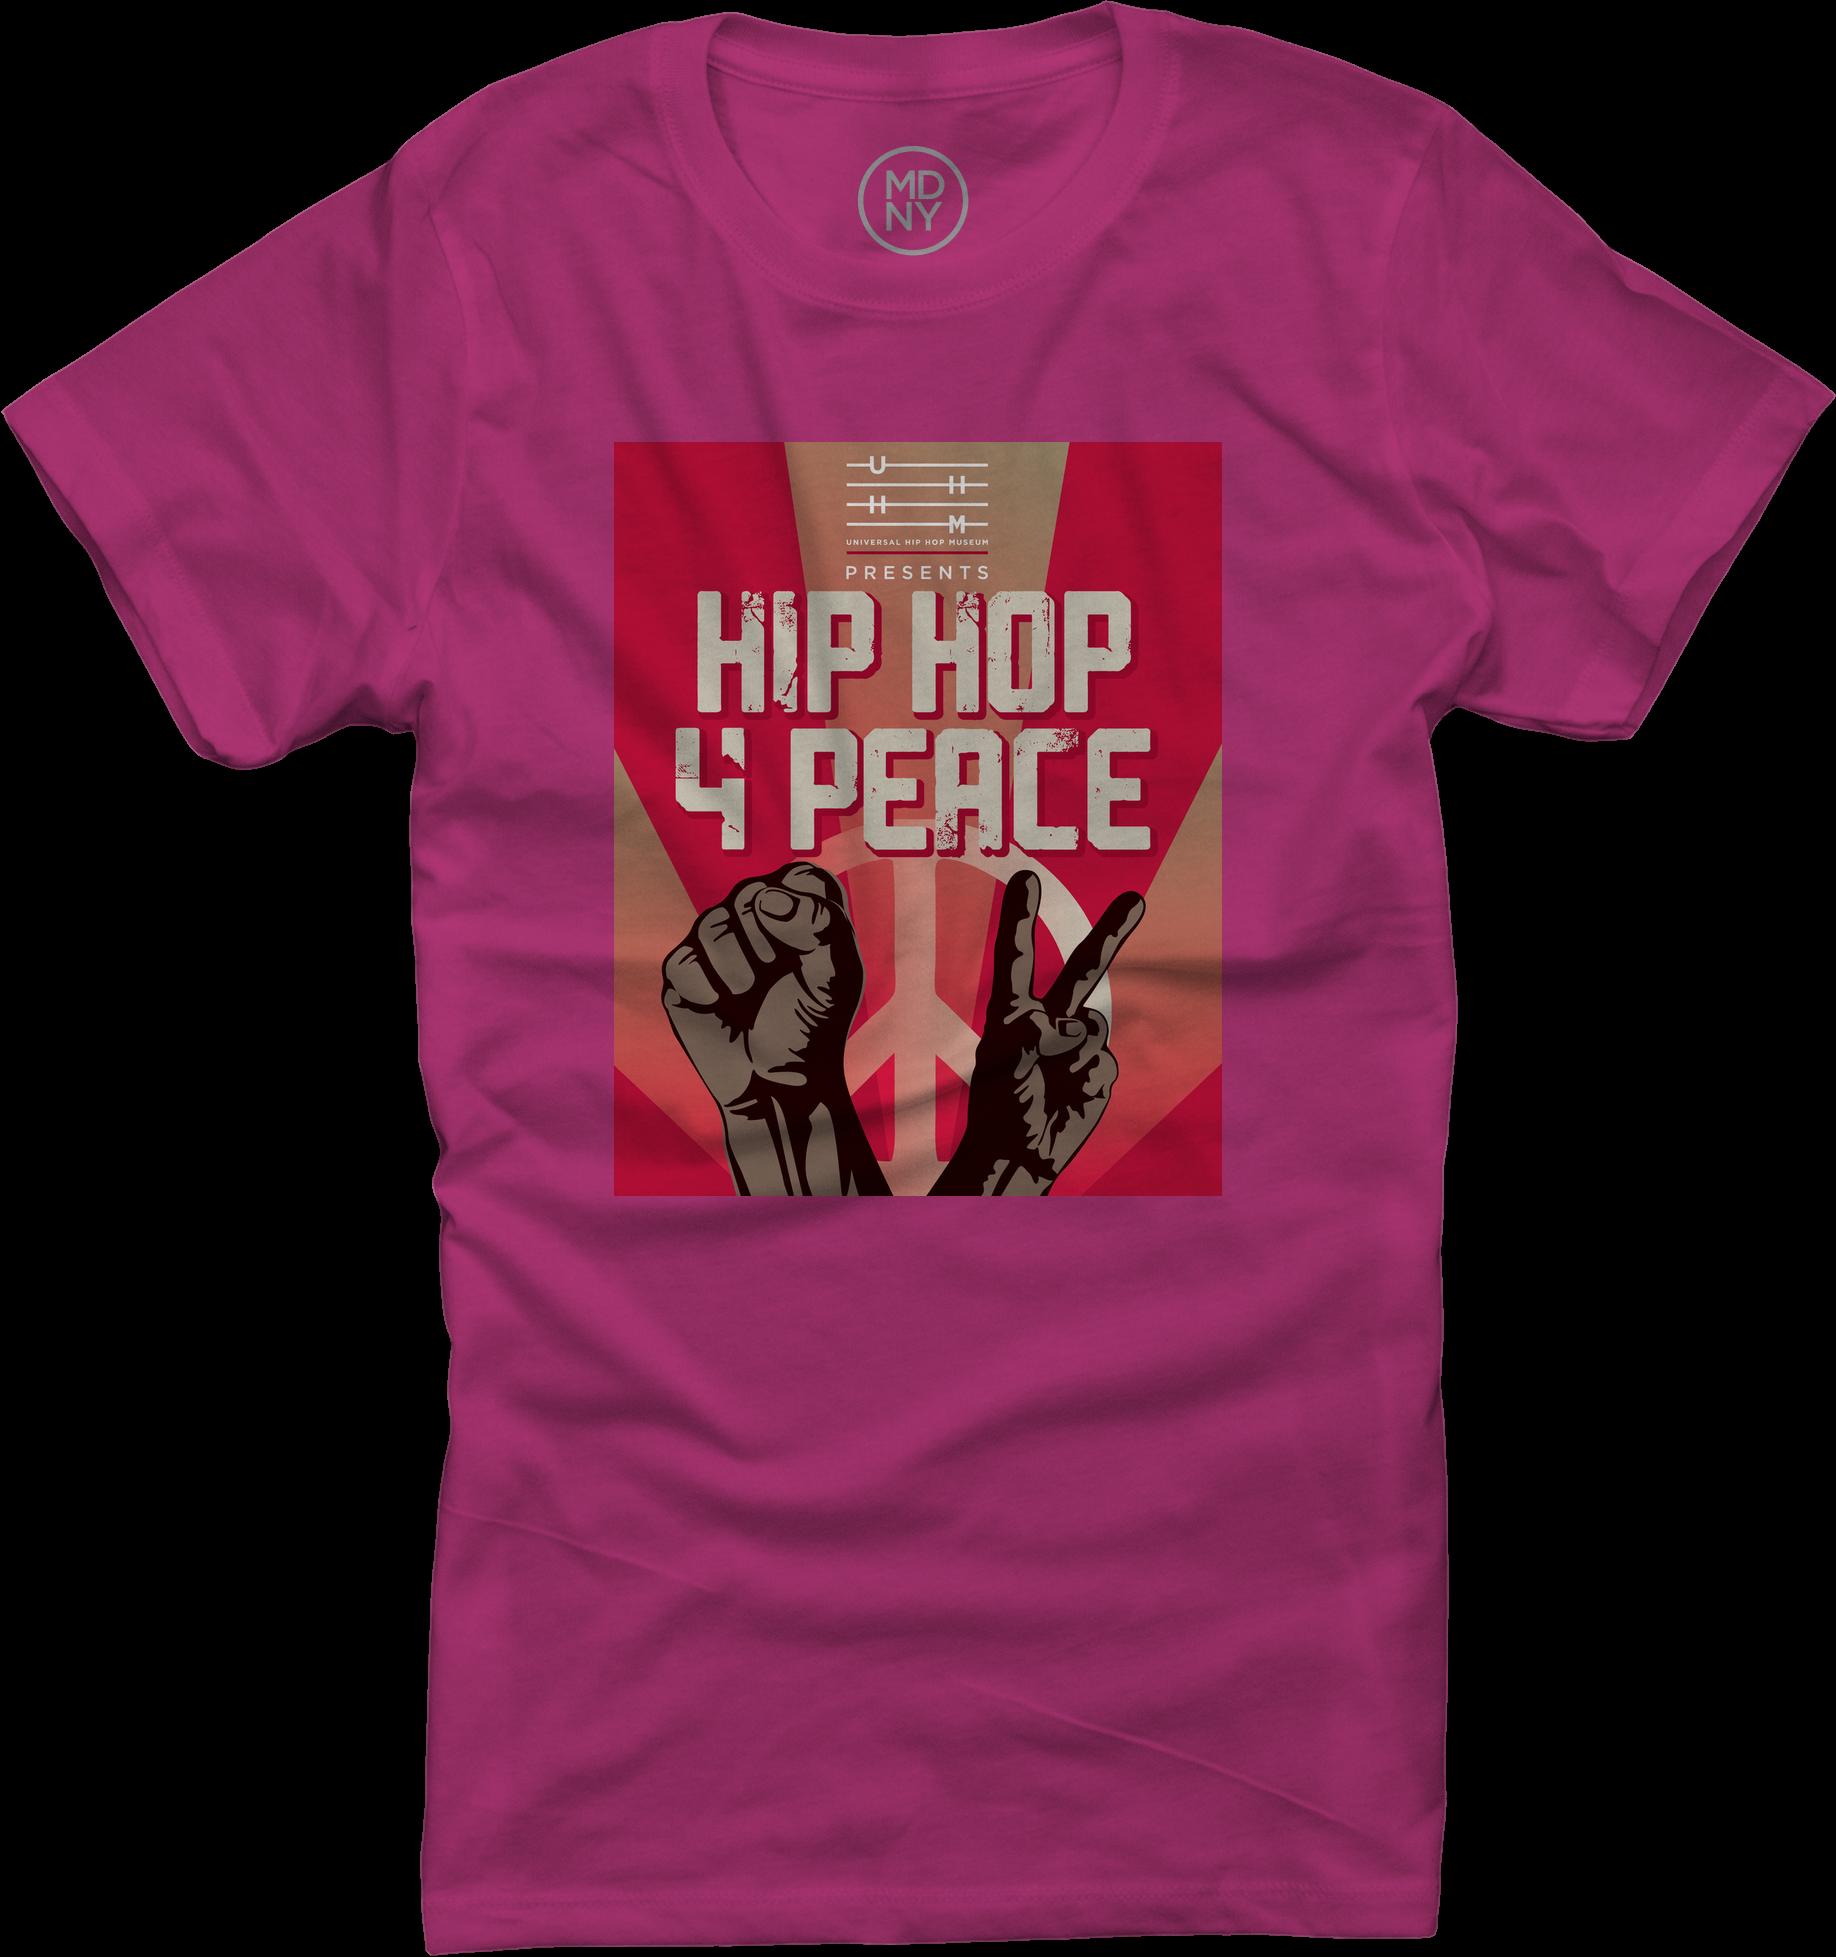 HIp Hop 4 Peace Pink Woman's Tee